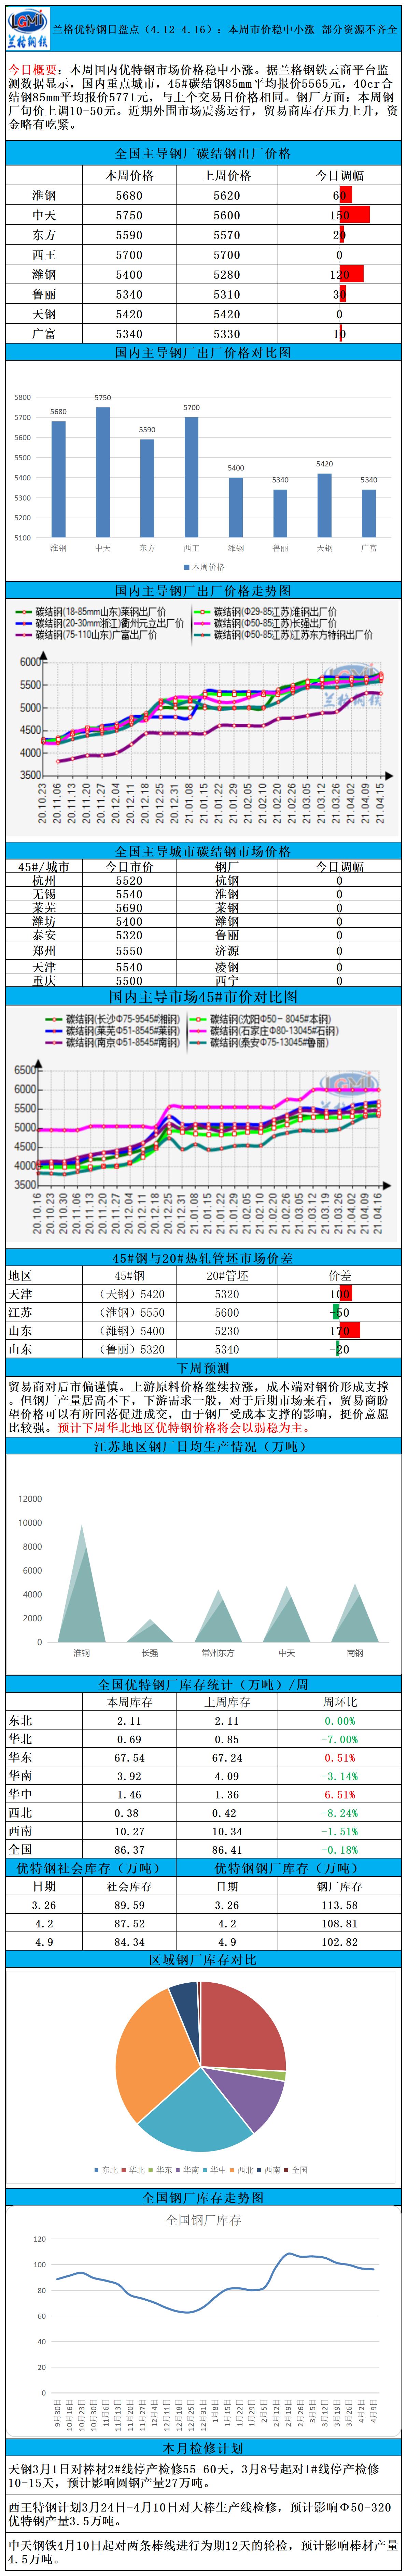 兰格优特钢日盘点(4.12-4.16):本周市价稳中小涨 部分资源不齐全